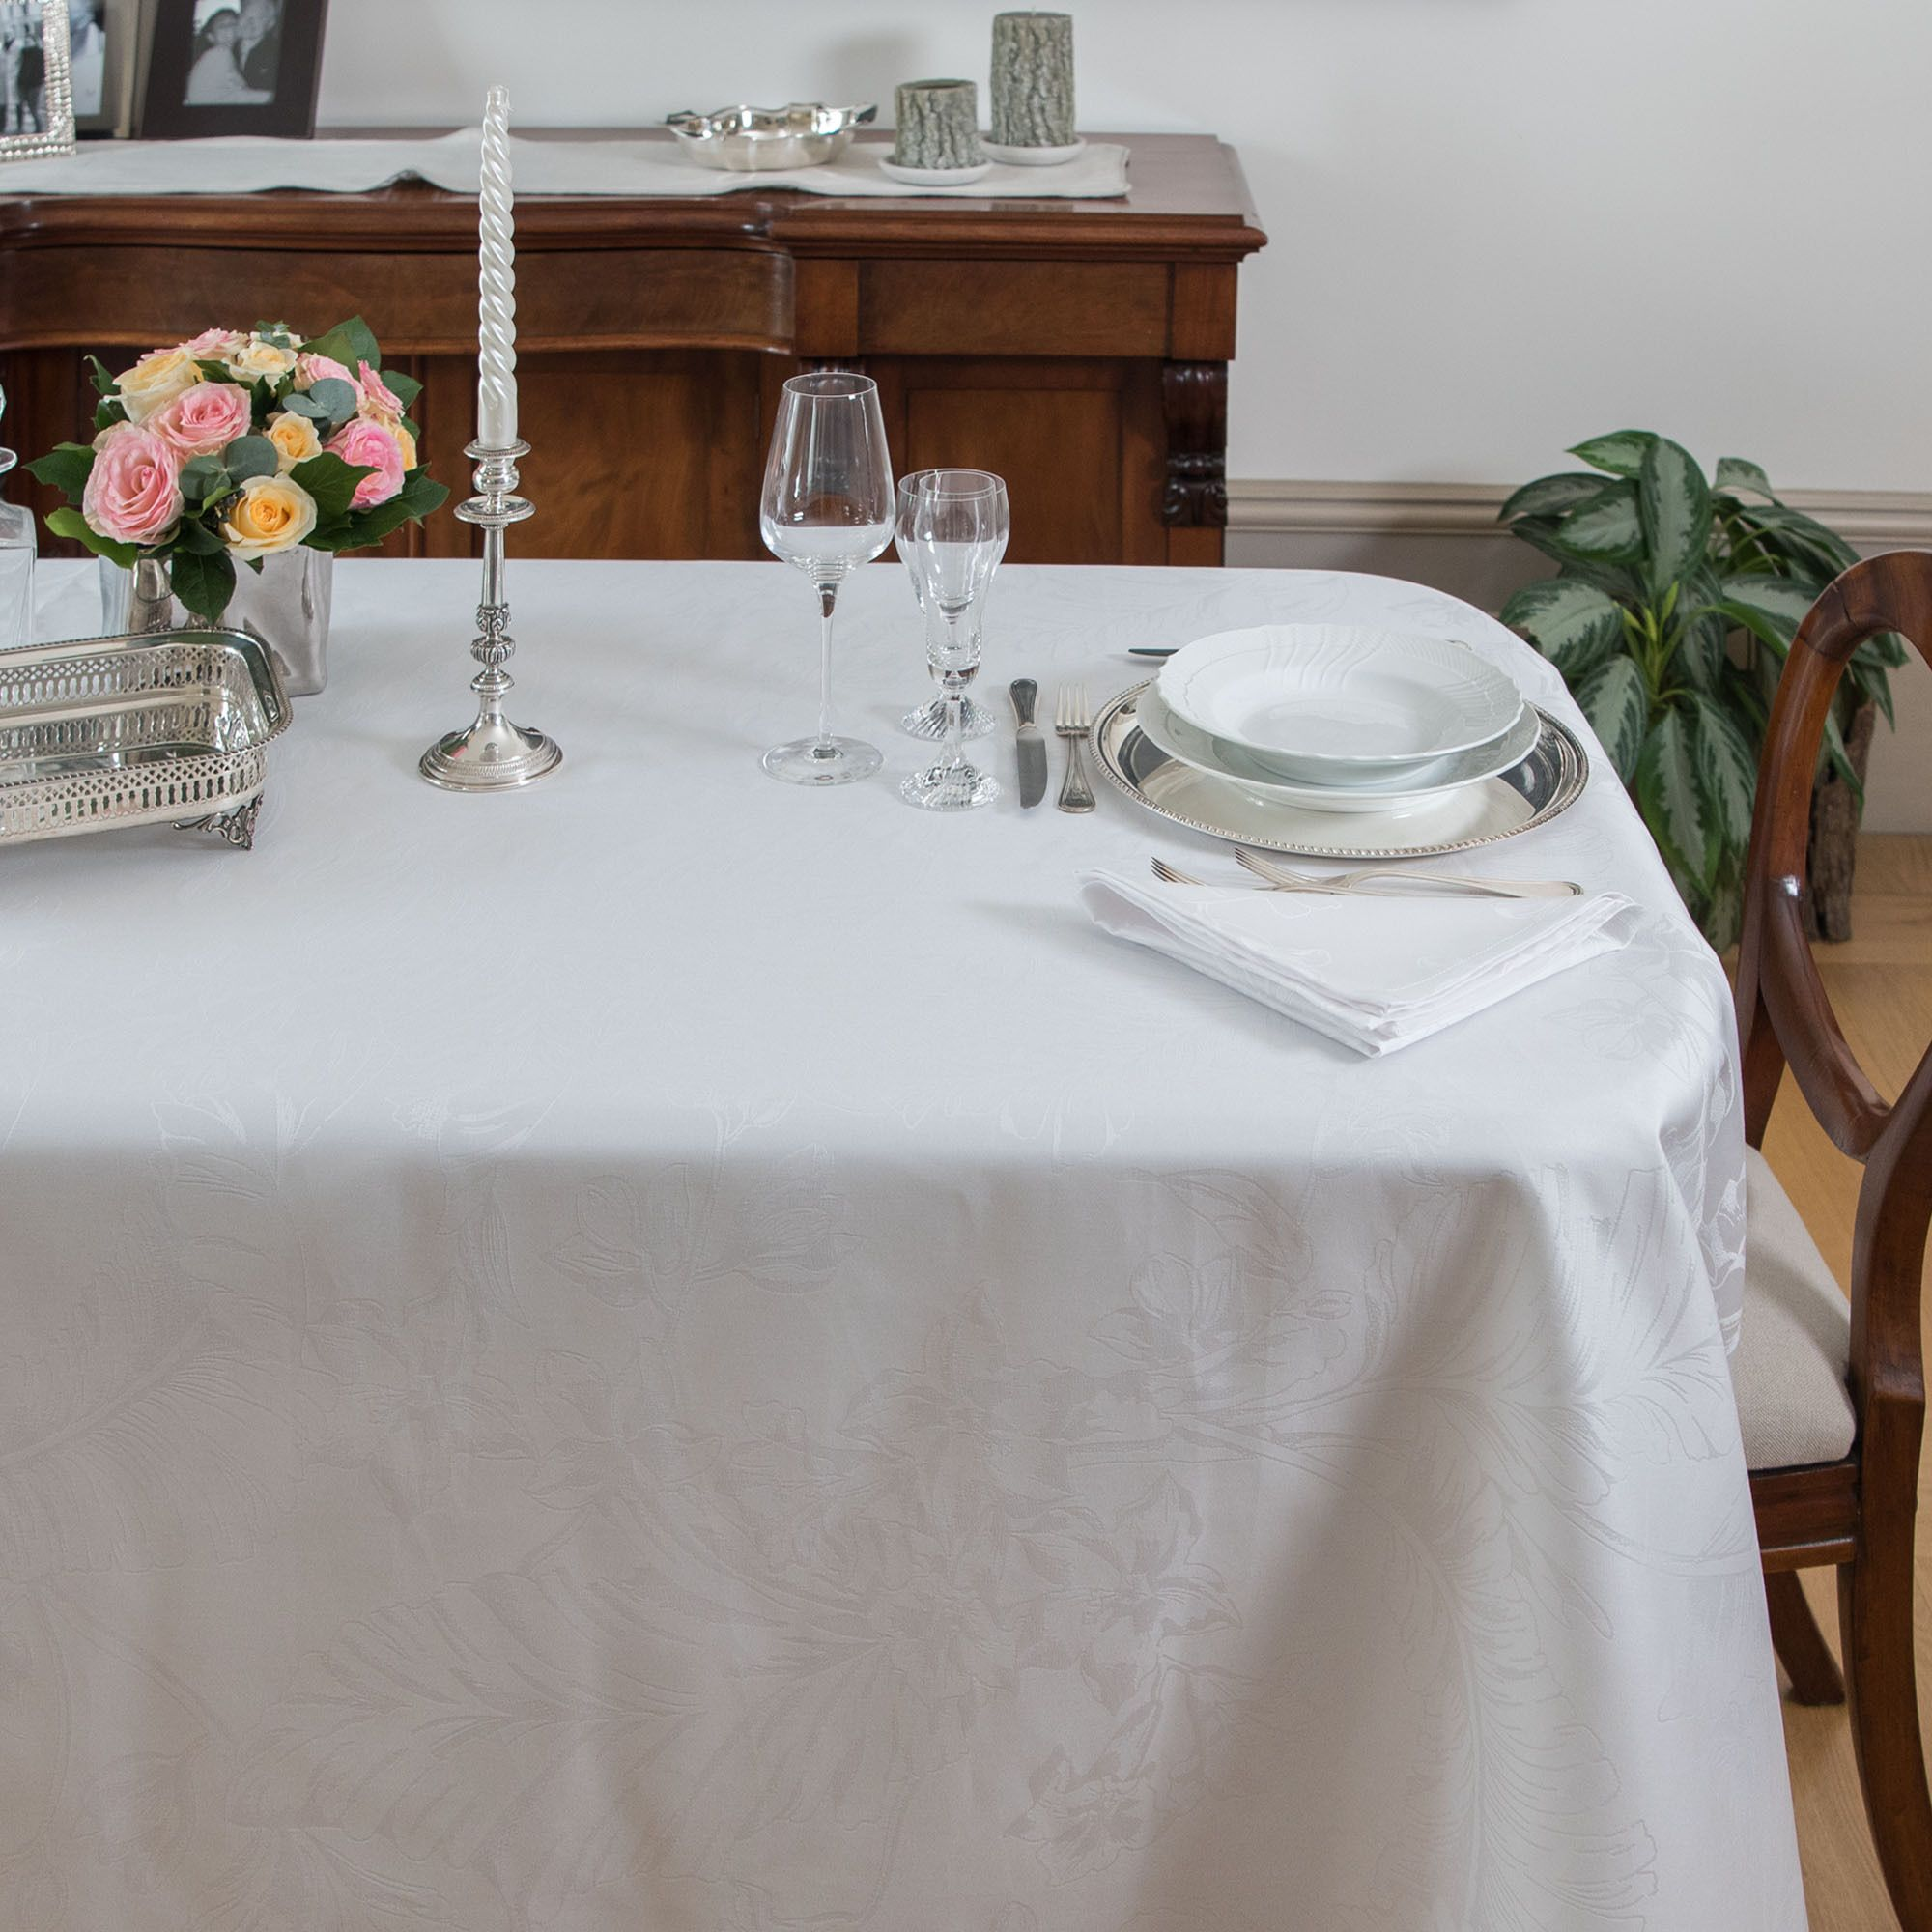 Tovaglia Da Tavola Moderna ferò tovaglia floreale in tessuto idrorepellente - qvc italia